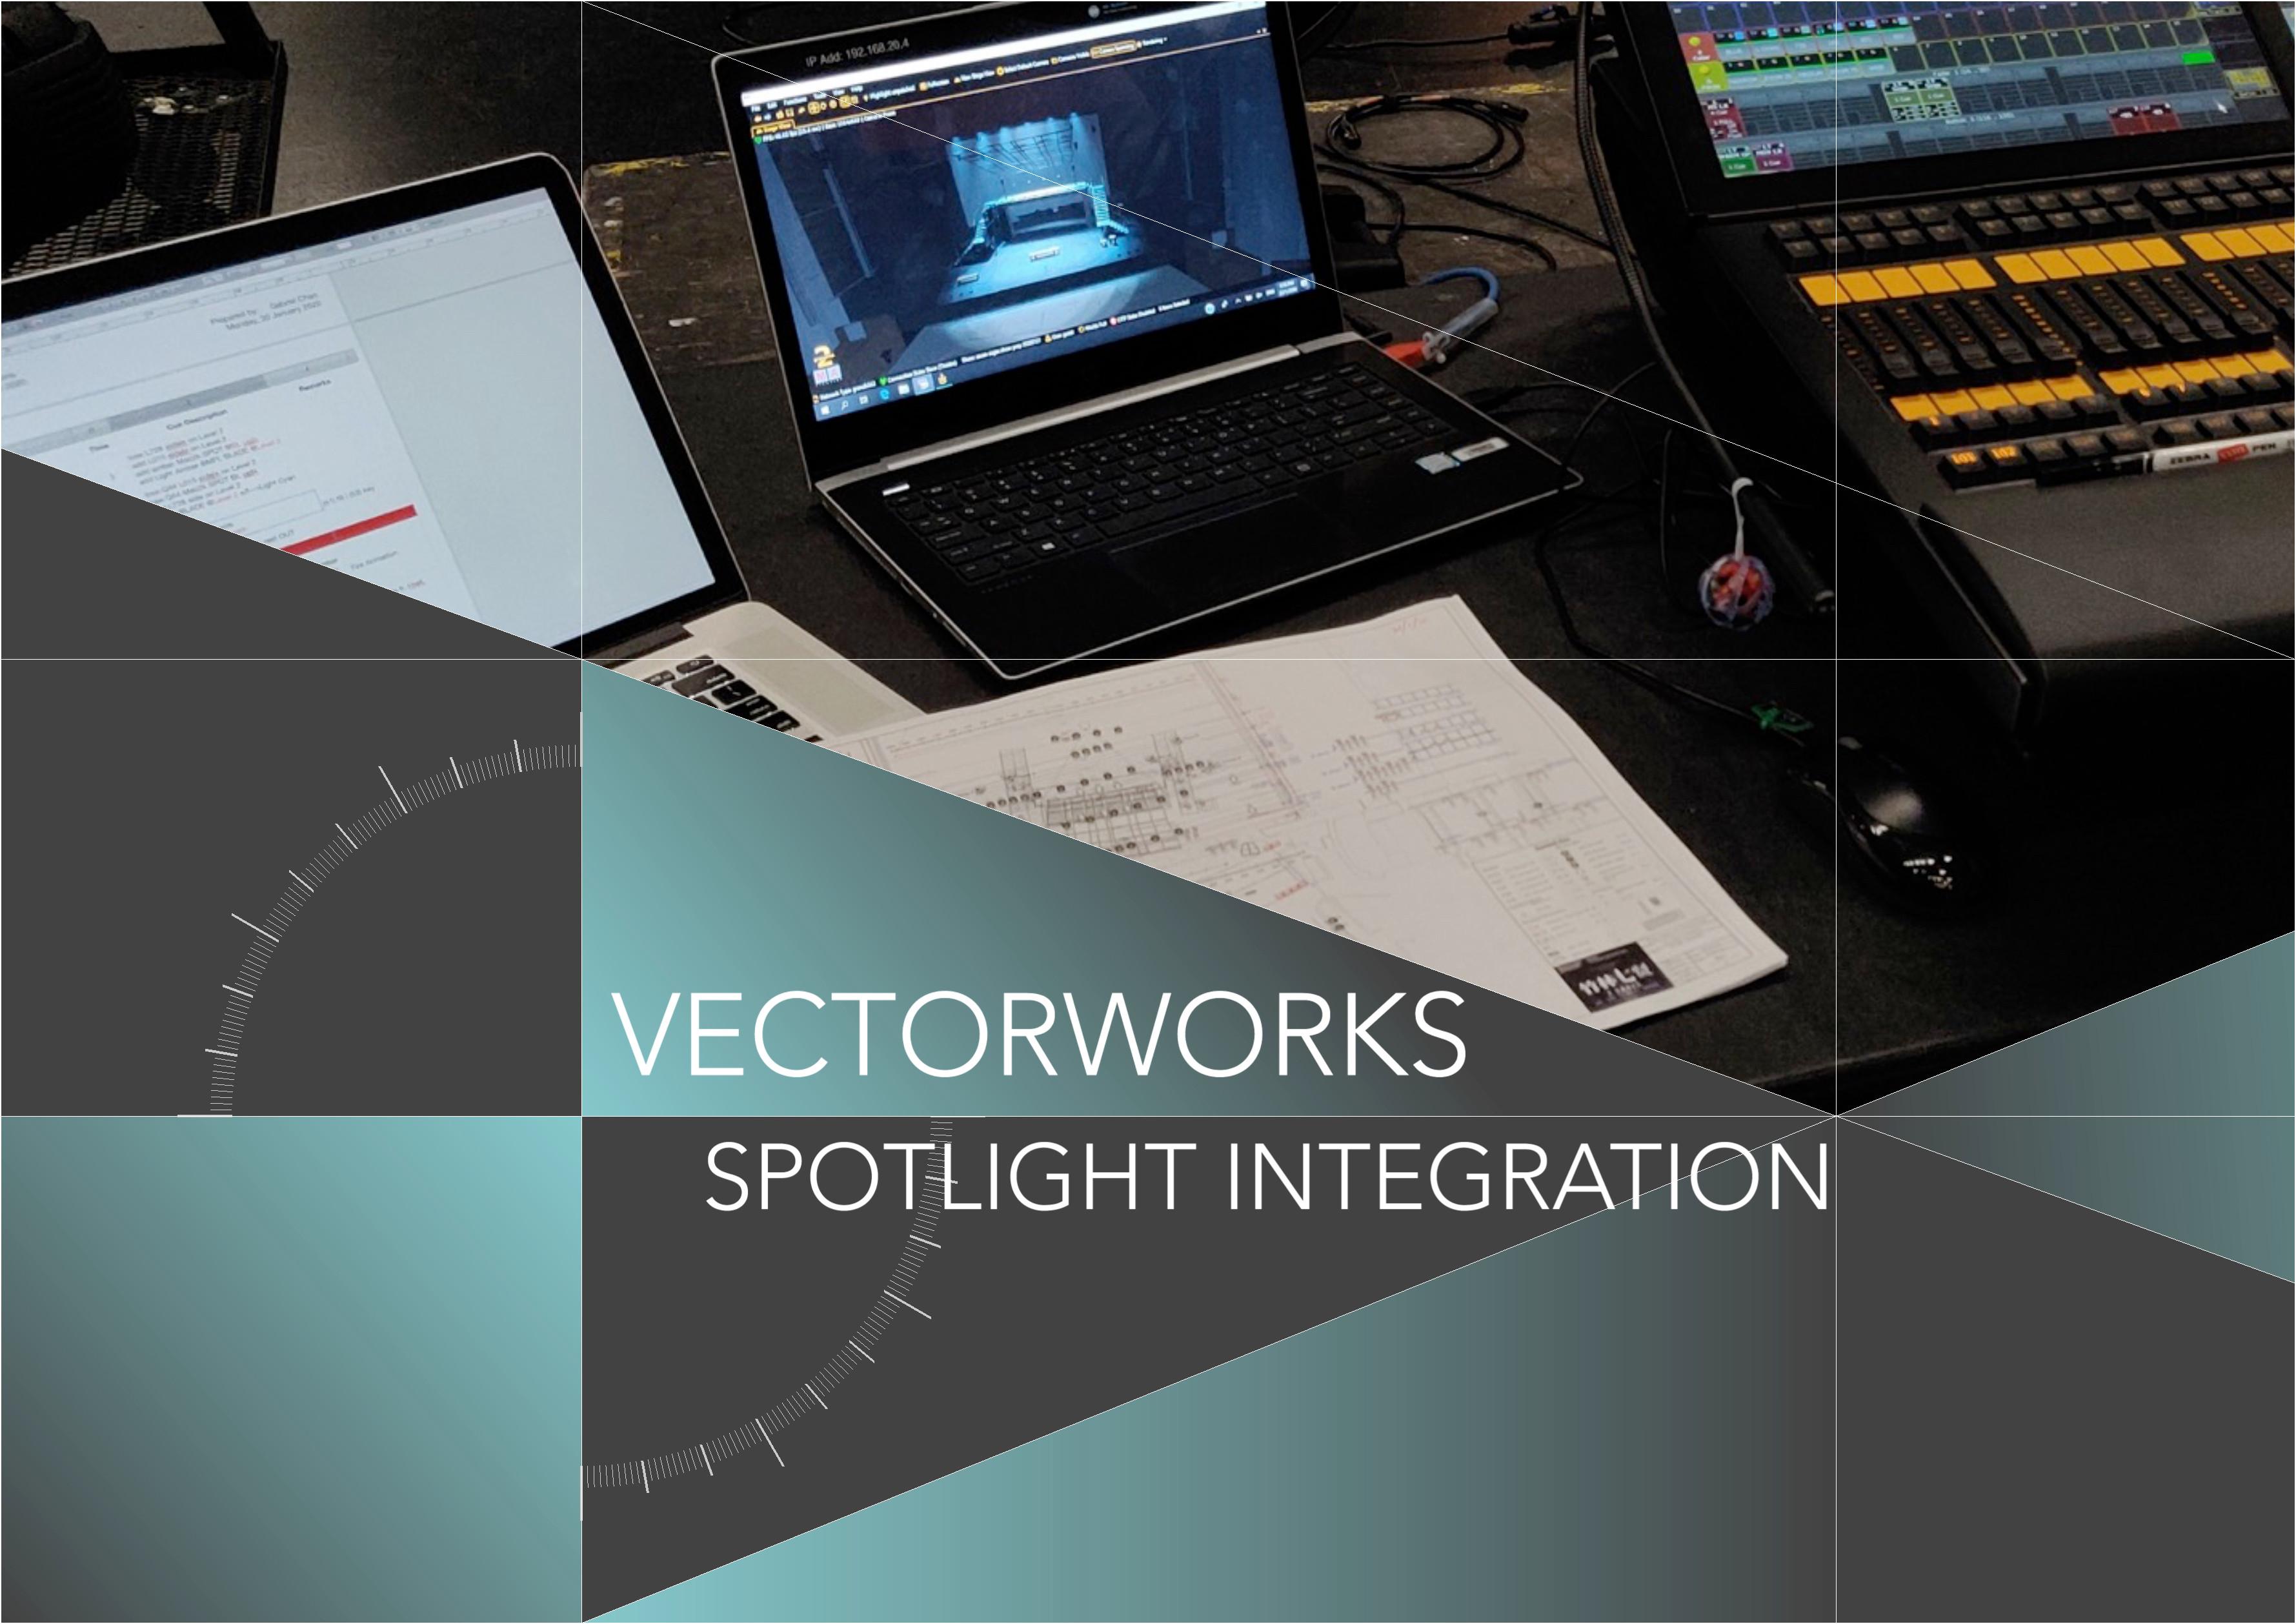 Vectorworks Spotlight Integration